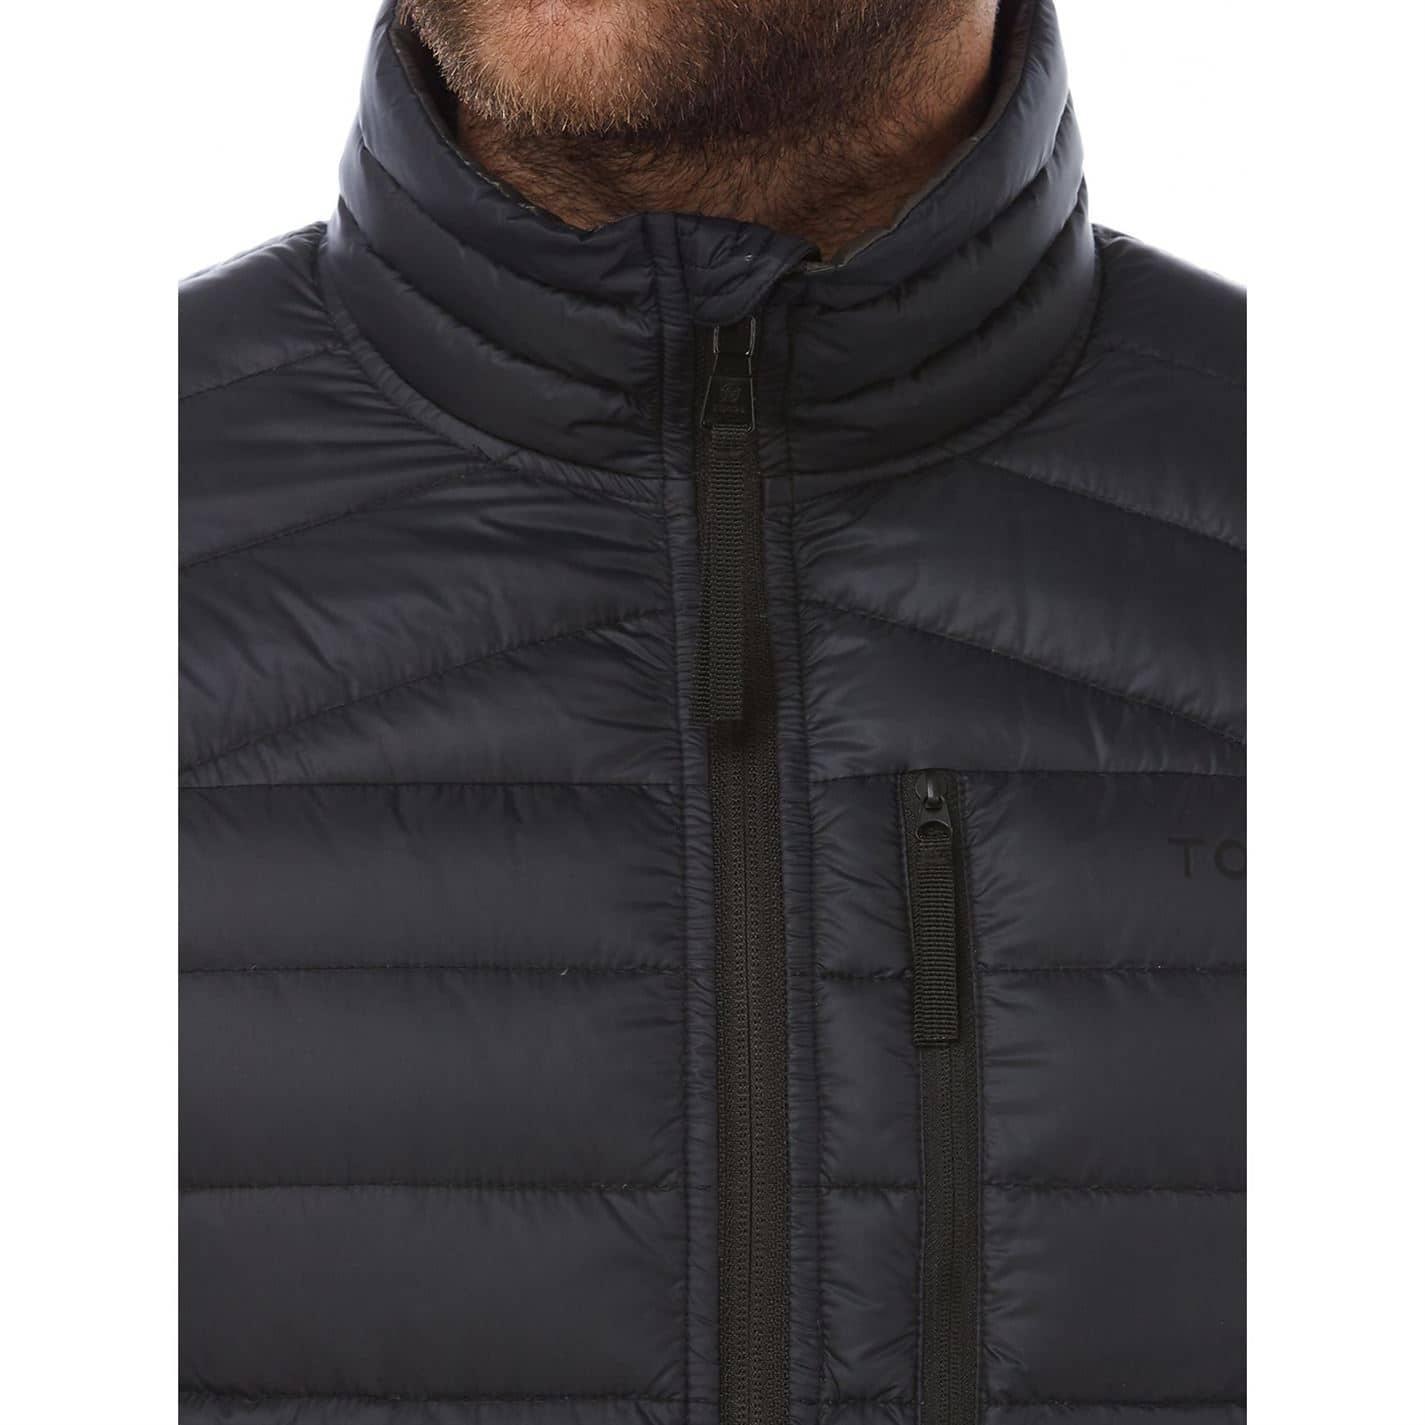 Tog 24 Synthetic Tog24 Prime Down Jacket in Black for Men